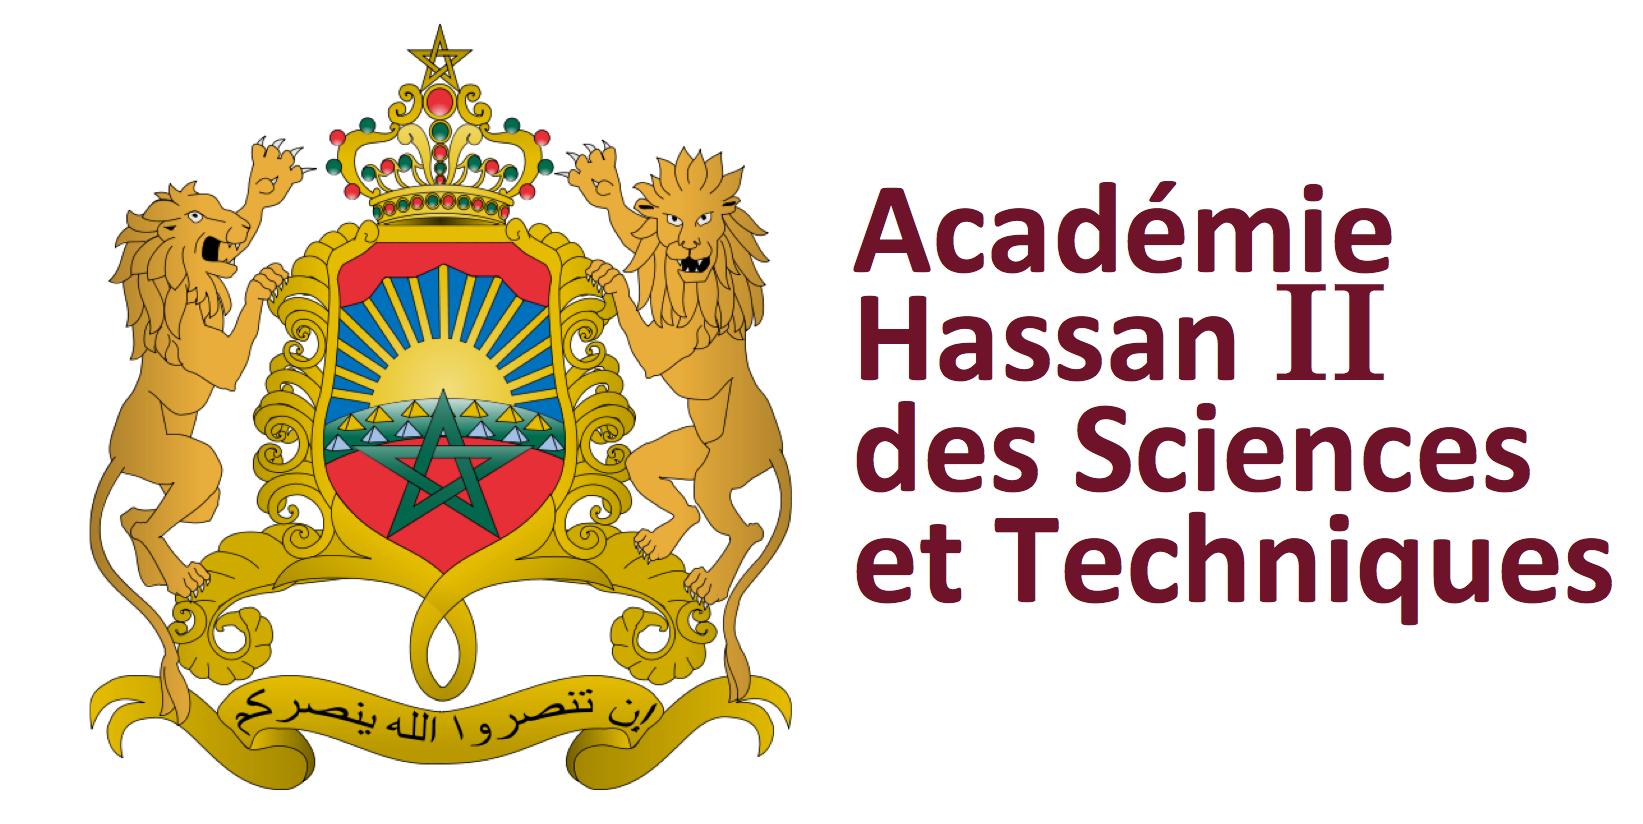 Académie Hassan II des sciences et techniques